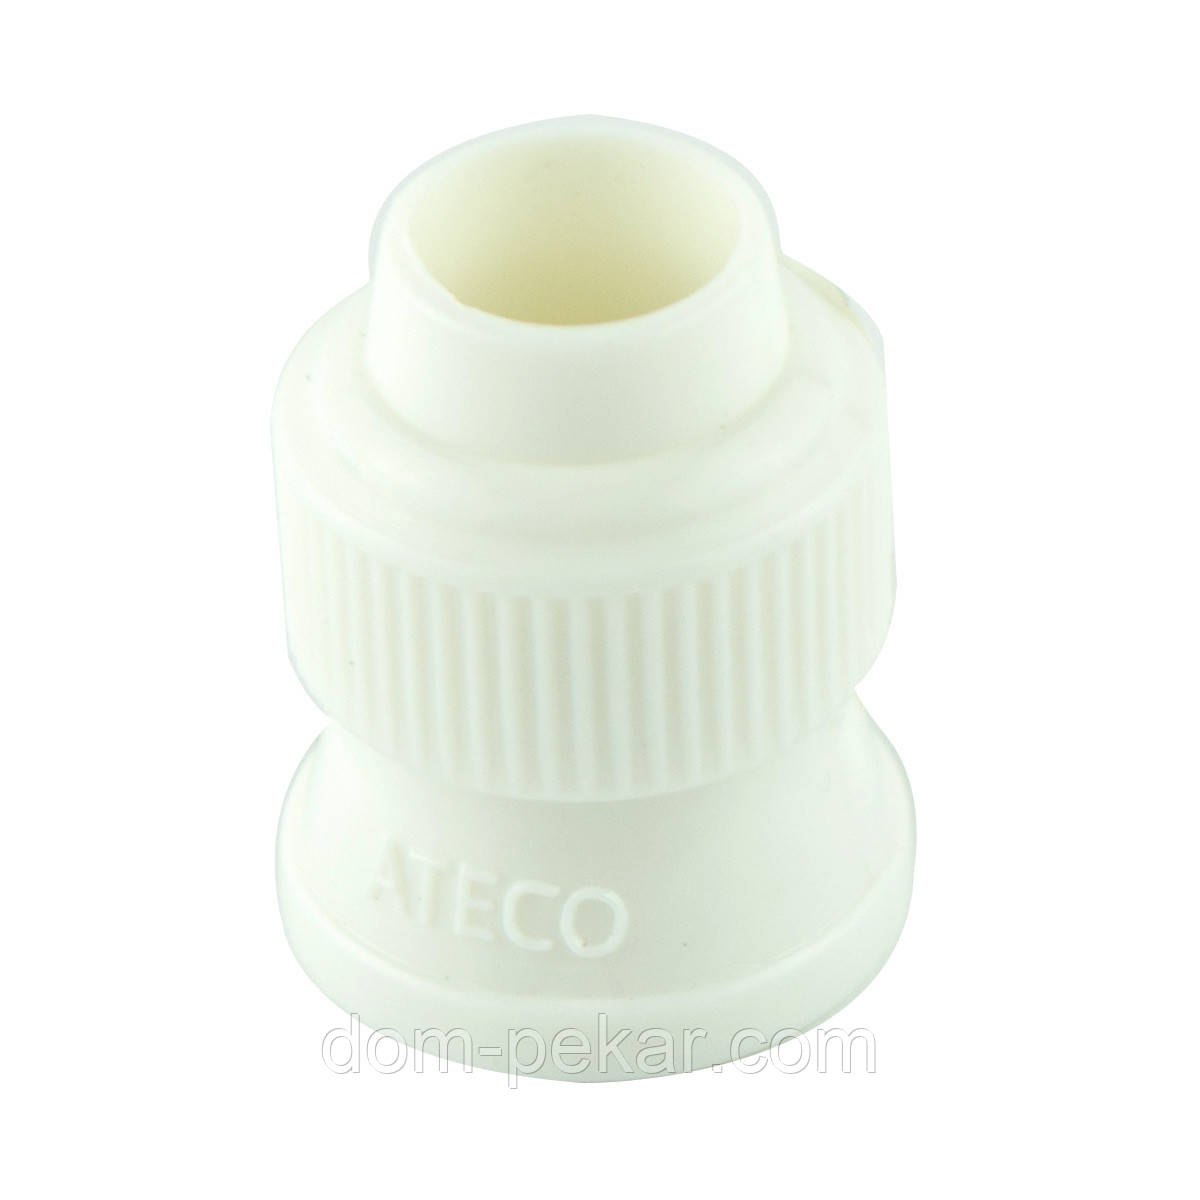 Перехідник Ateco 400 для кондитерського мішка H=30 мм